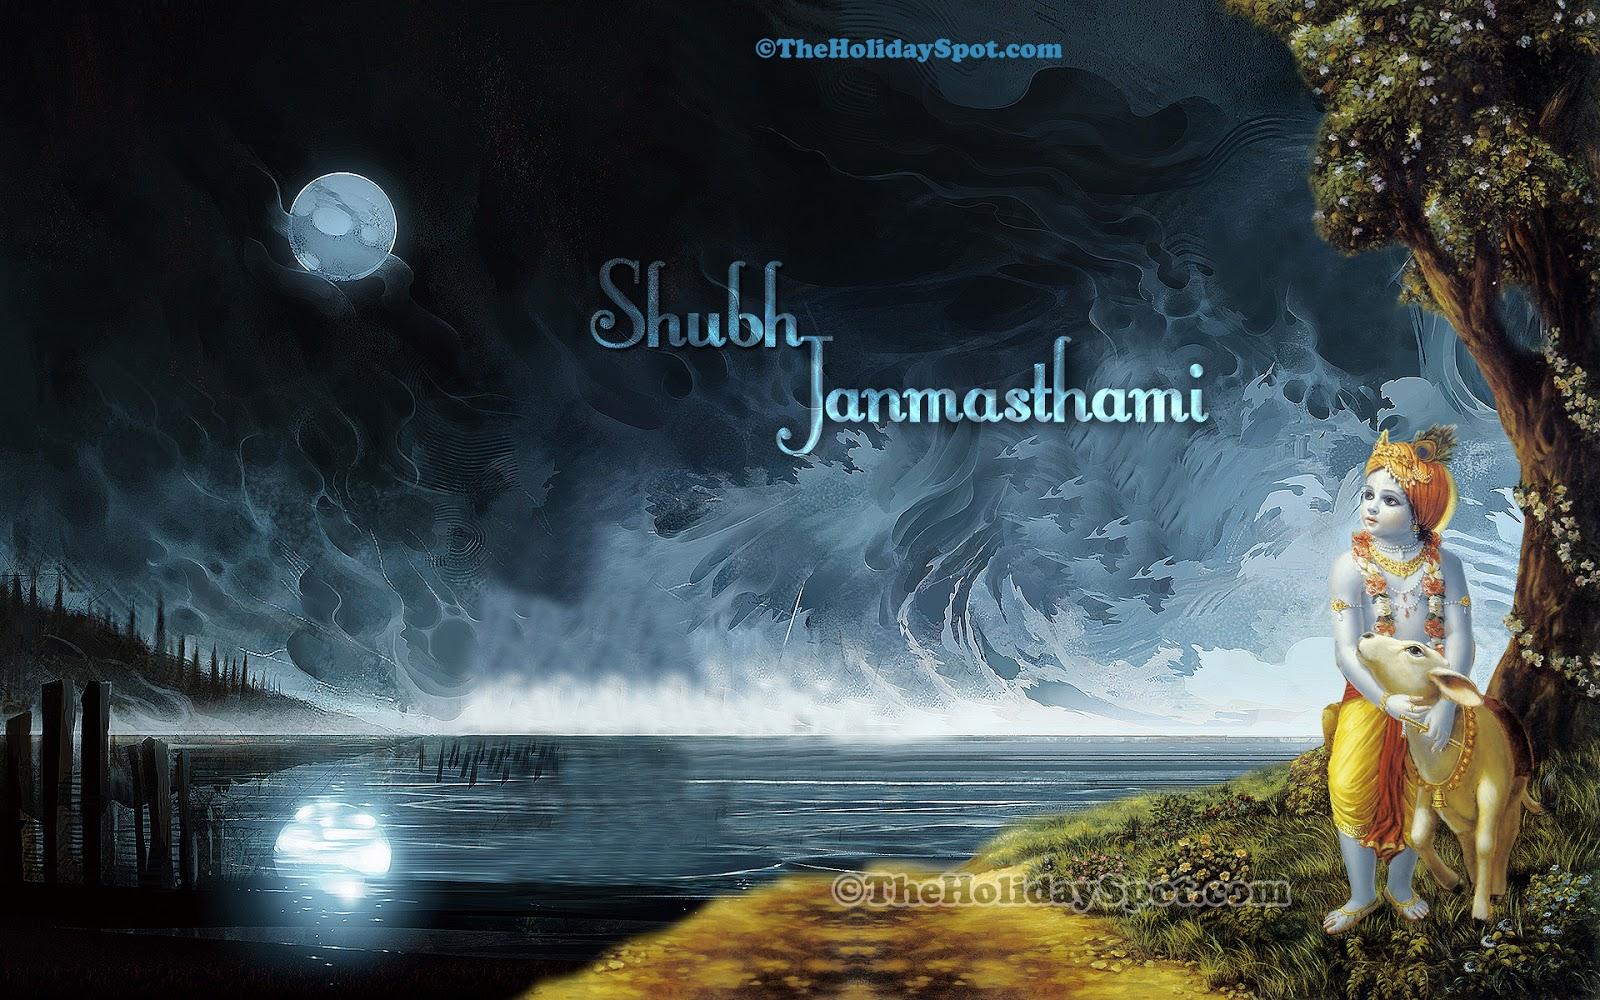 Shubh Janmashtami HD Wallpaper